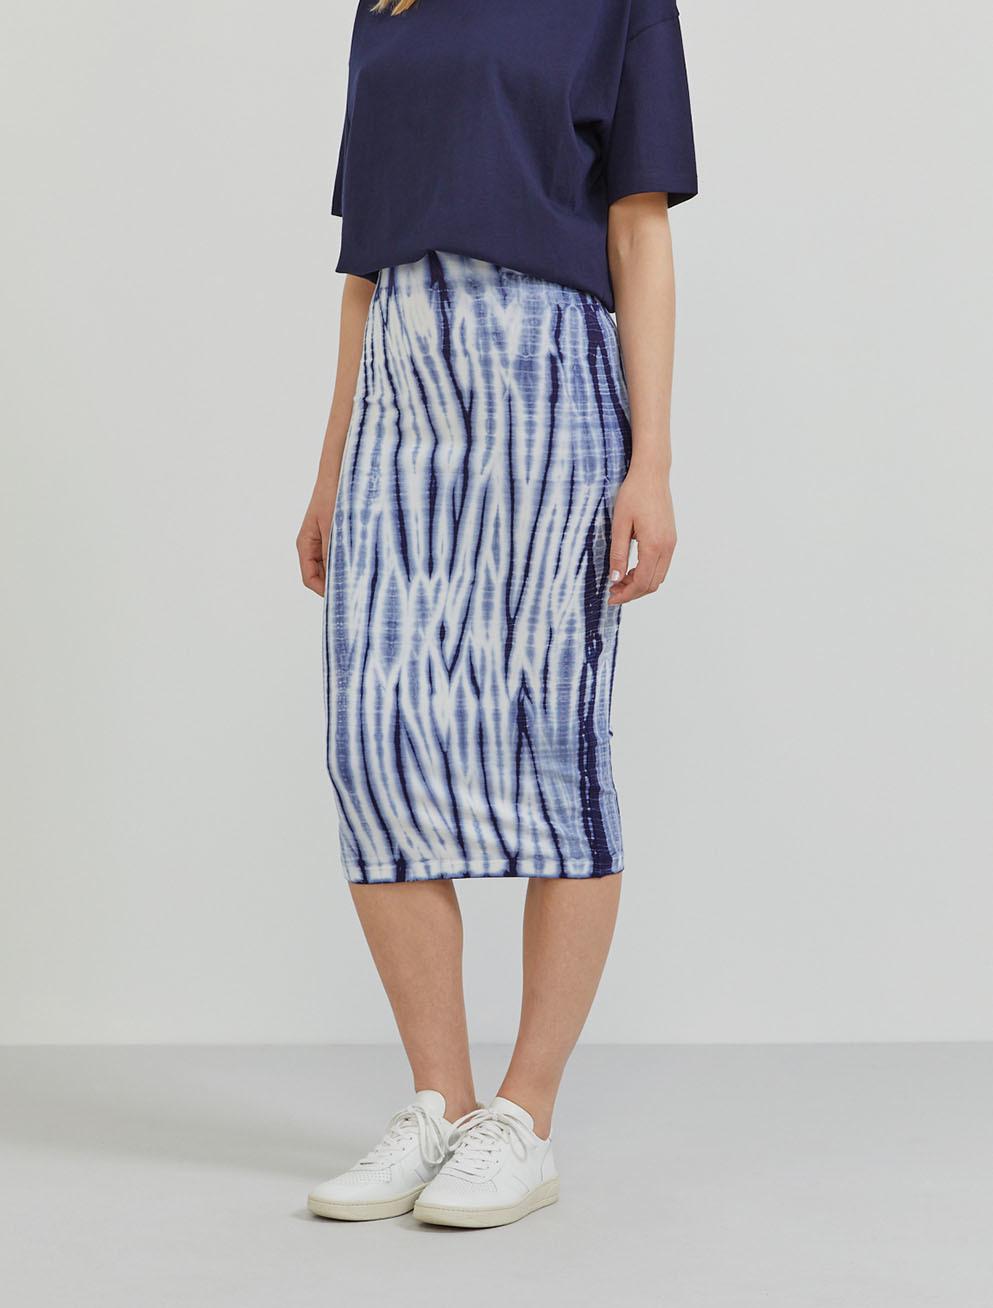 Tencel tie-dye tube skirt